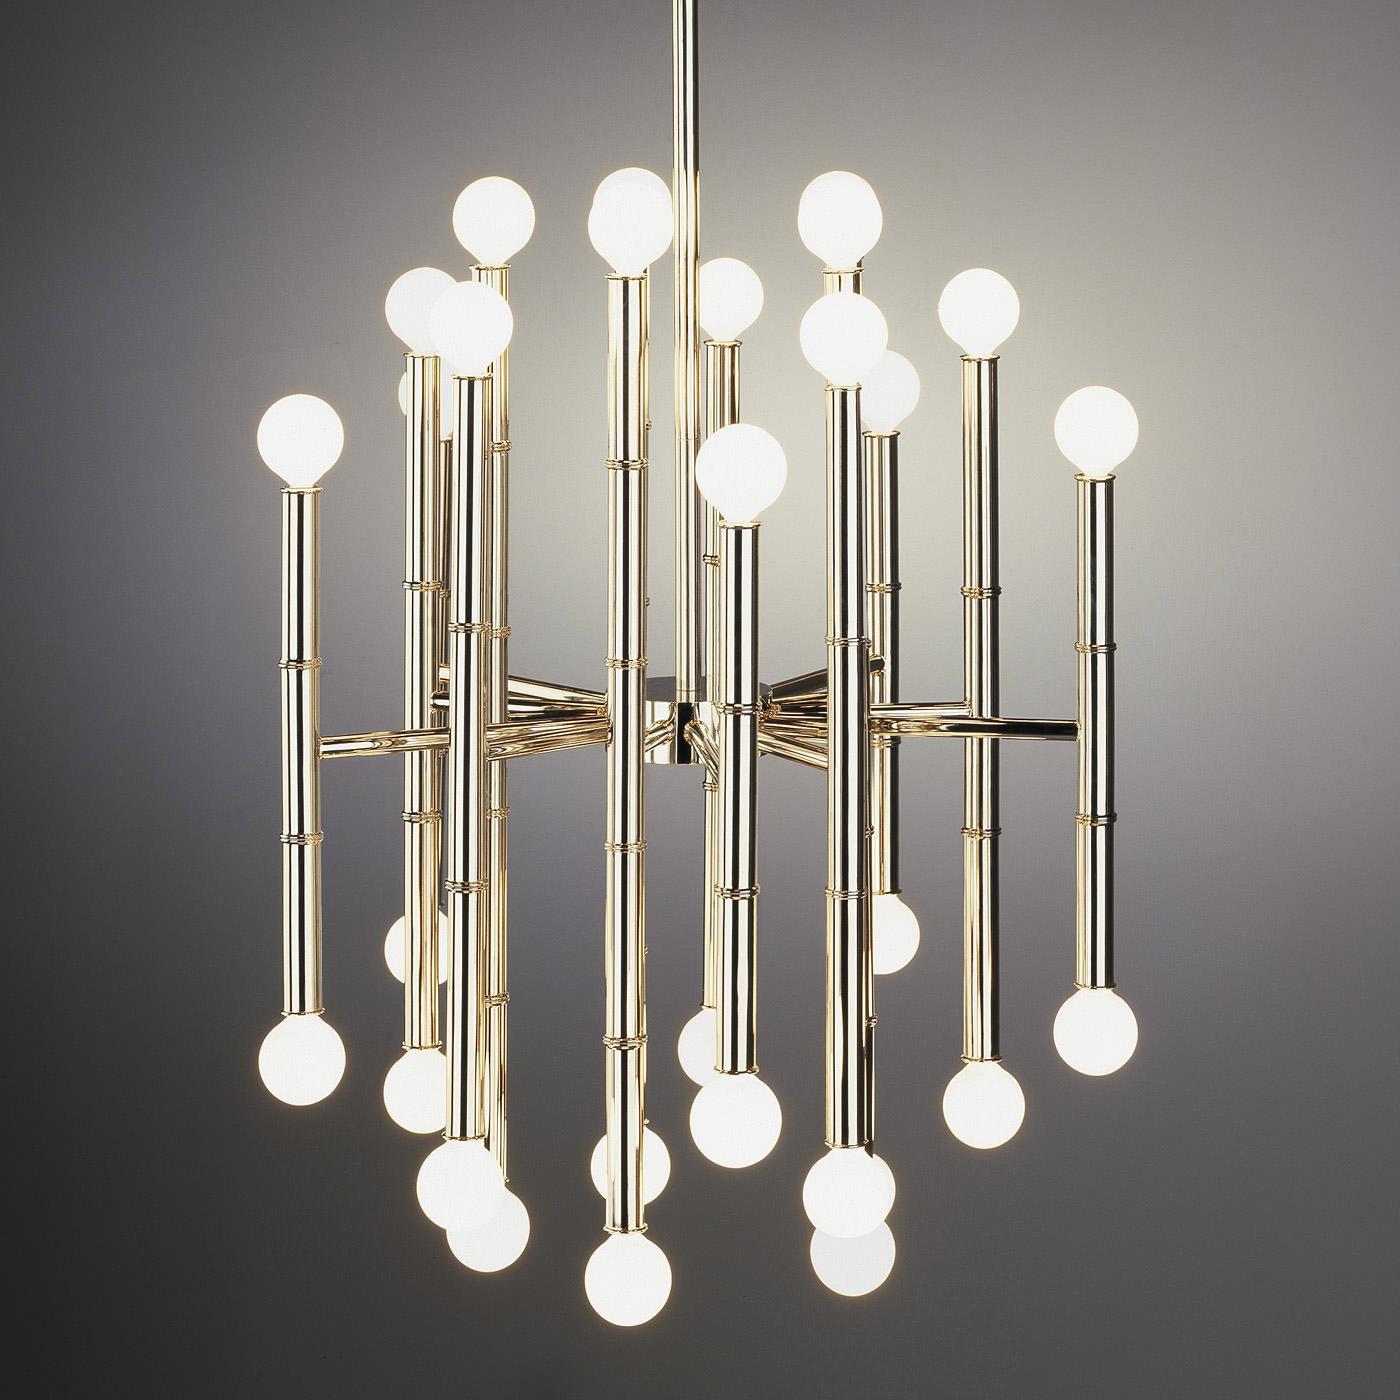 divineducation commercial led light lighting of best unique matt seductive chandeliers home circ com chandelier pendant lights grok